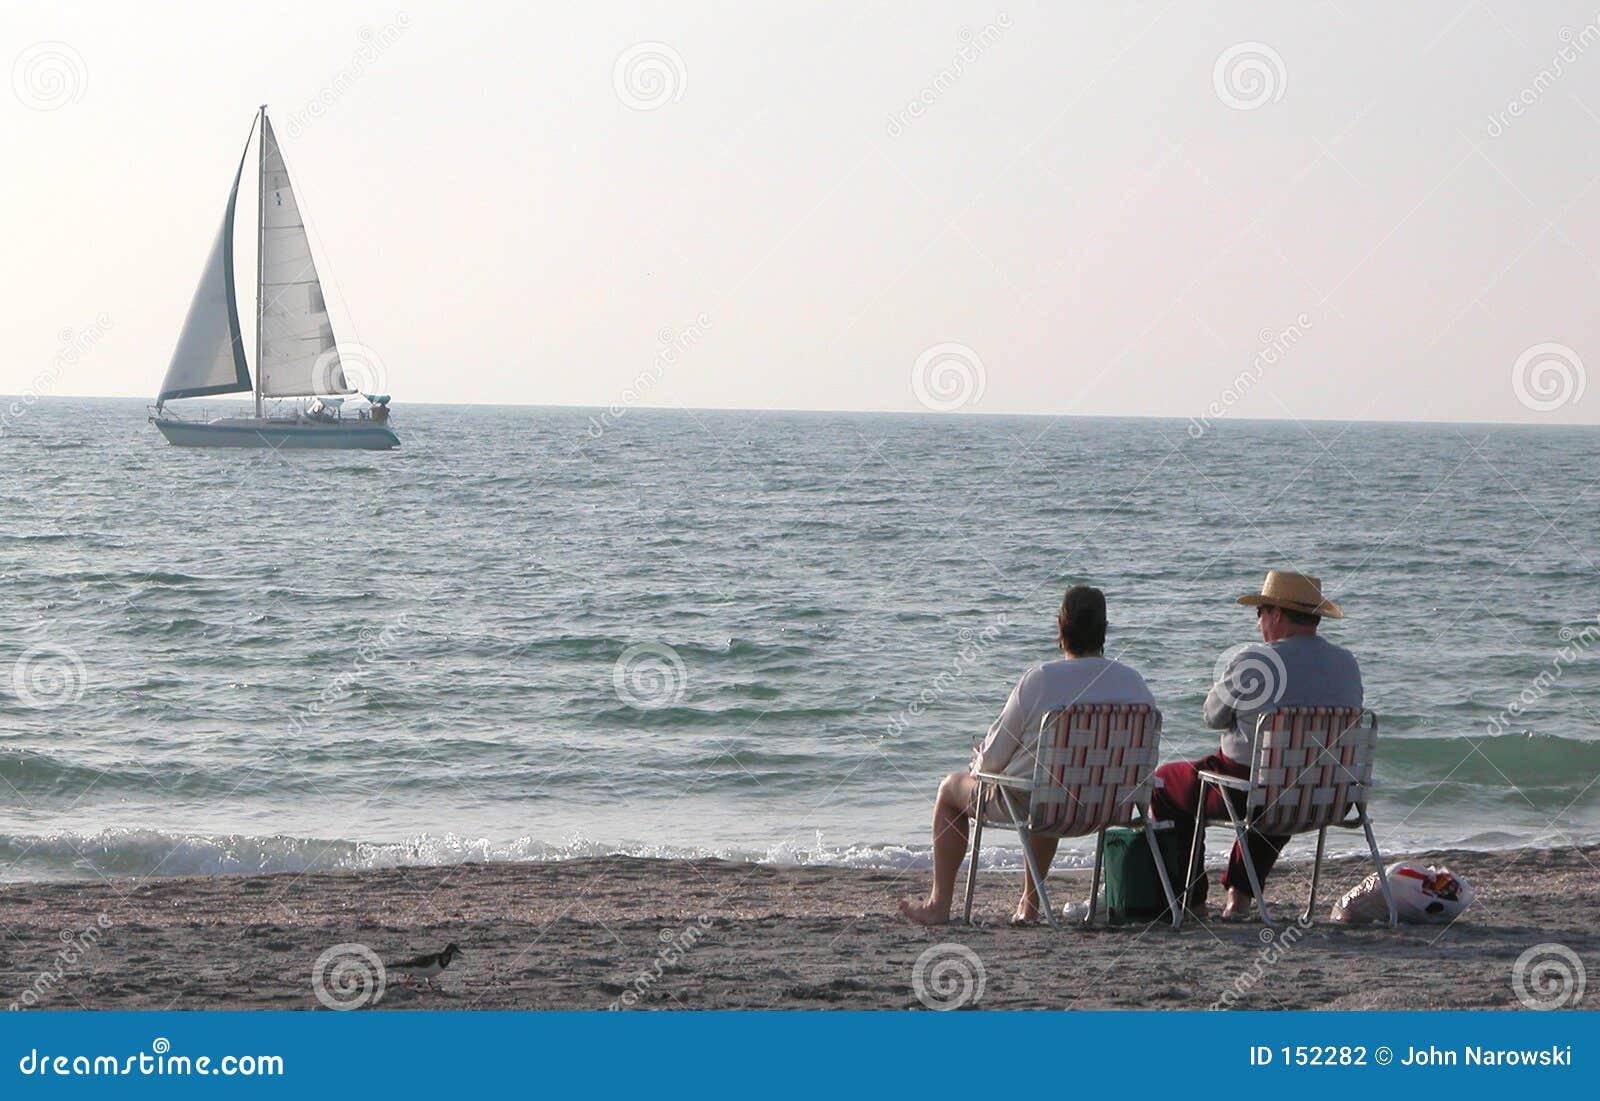 Siedząc na plaży